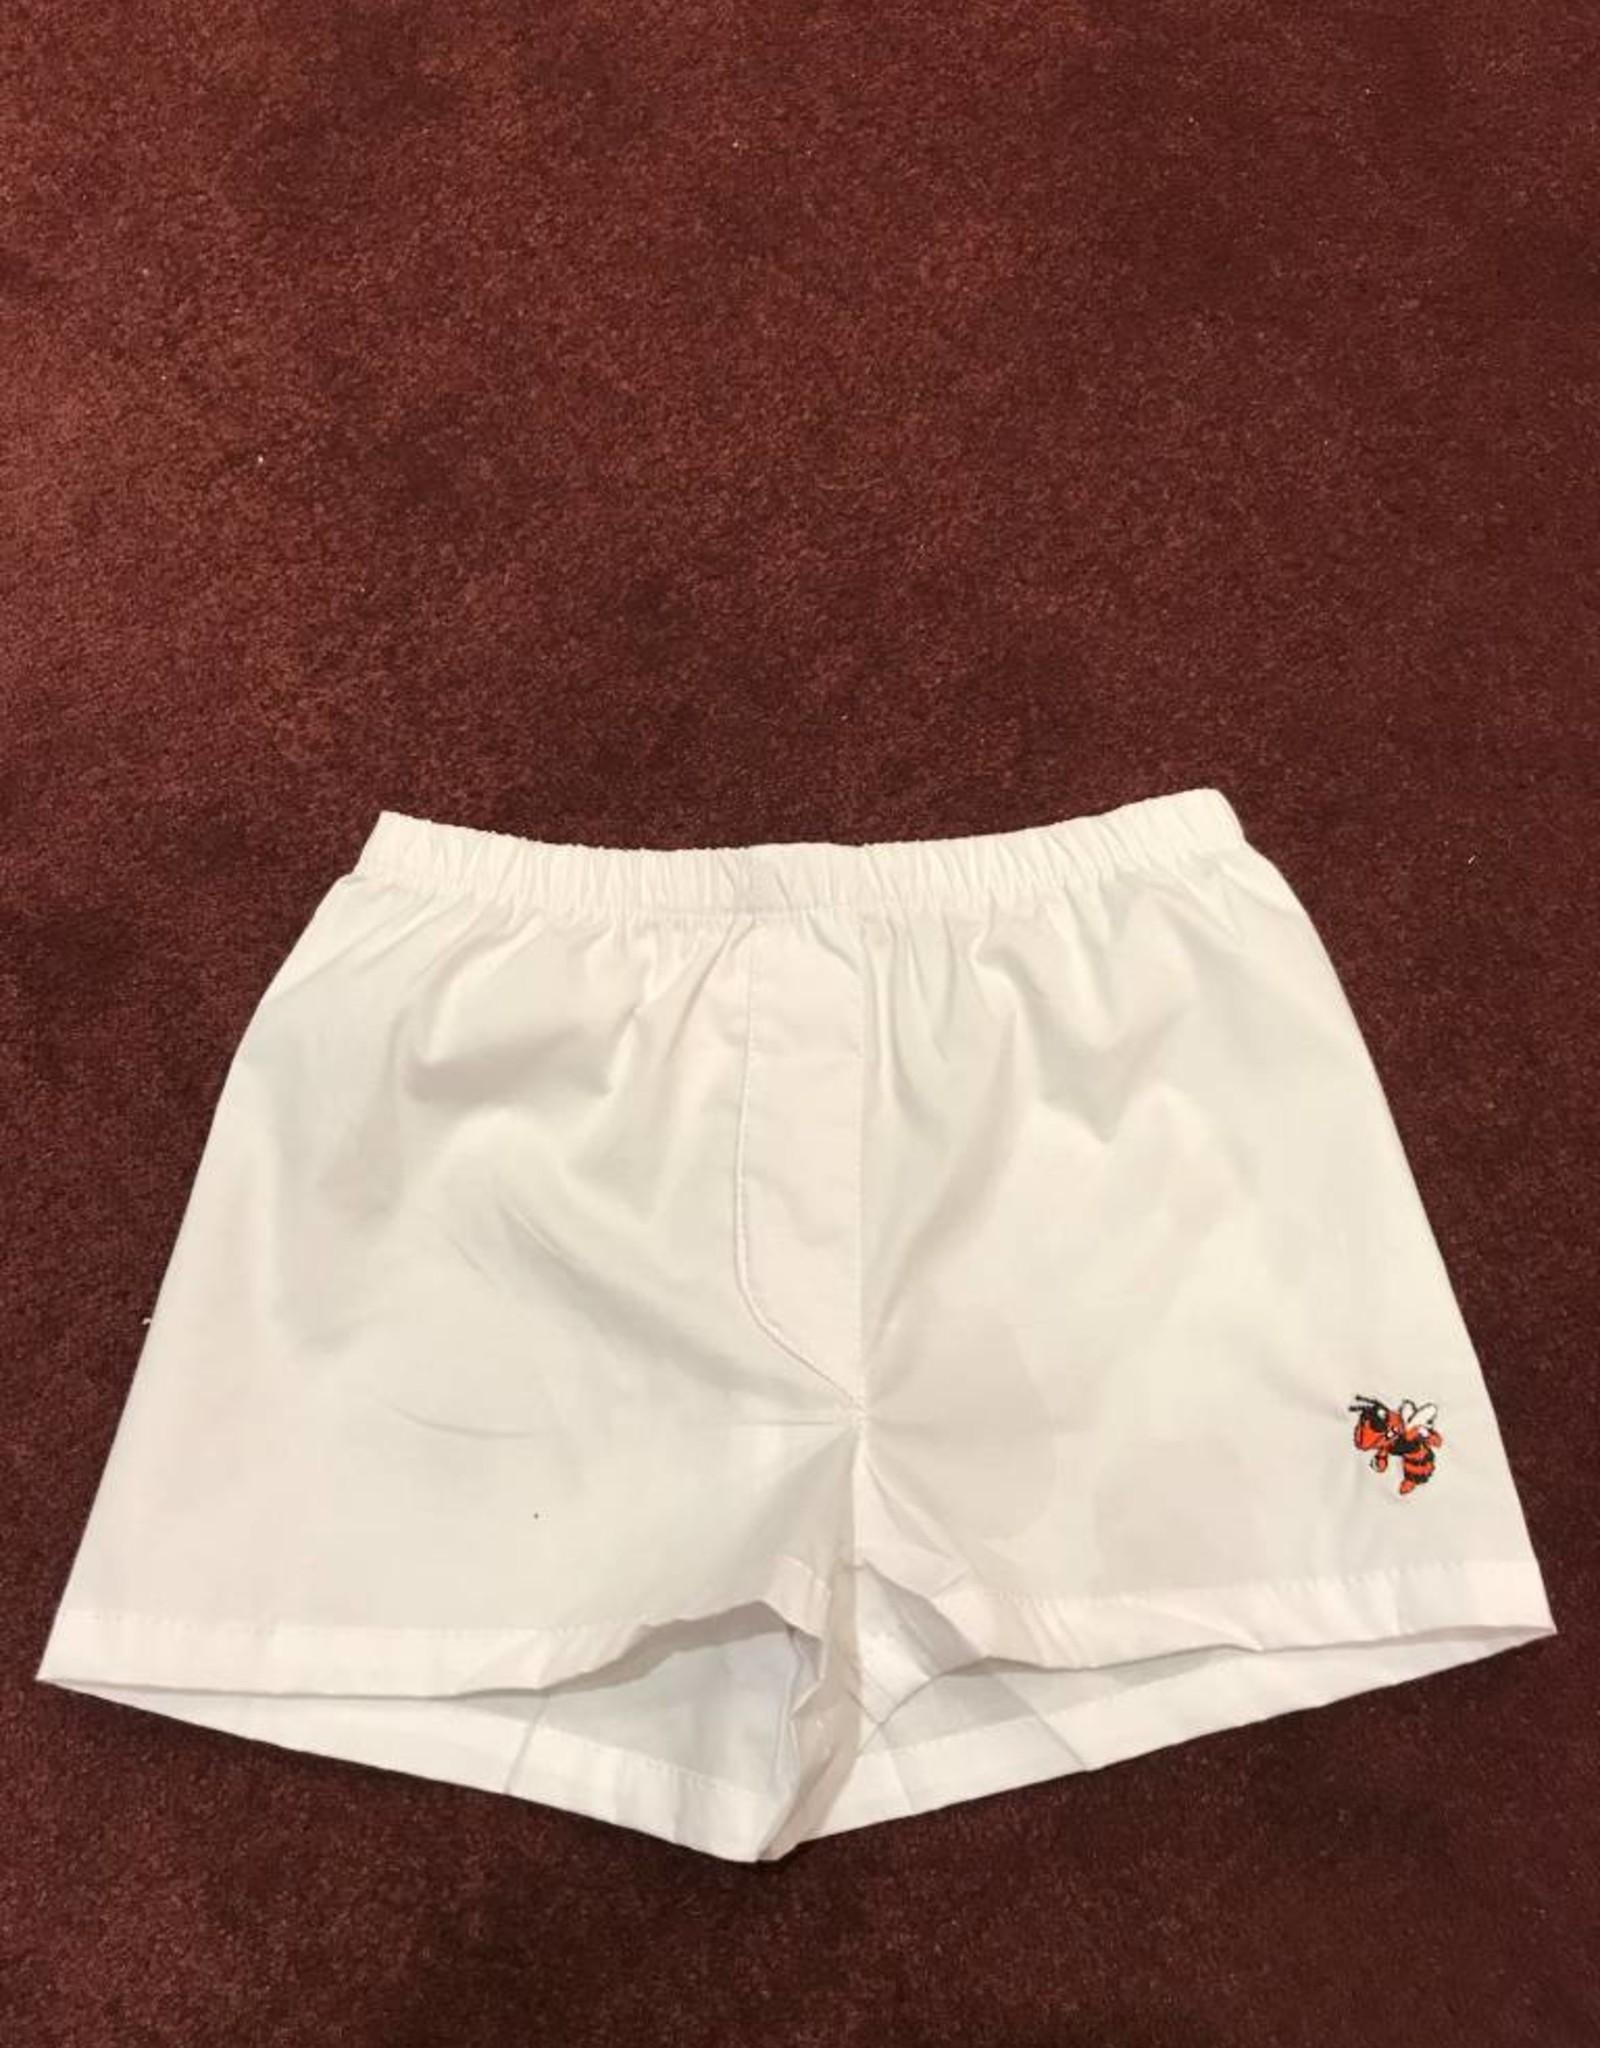 Kids Boxer Shorts White w/ Logo 12-18 Month